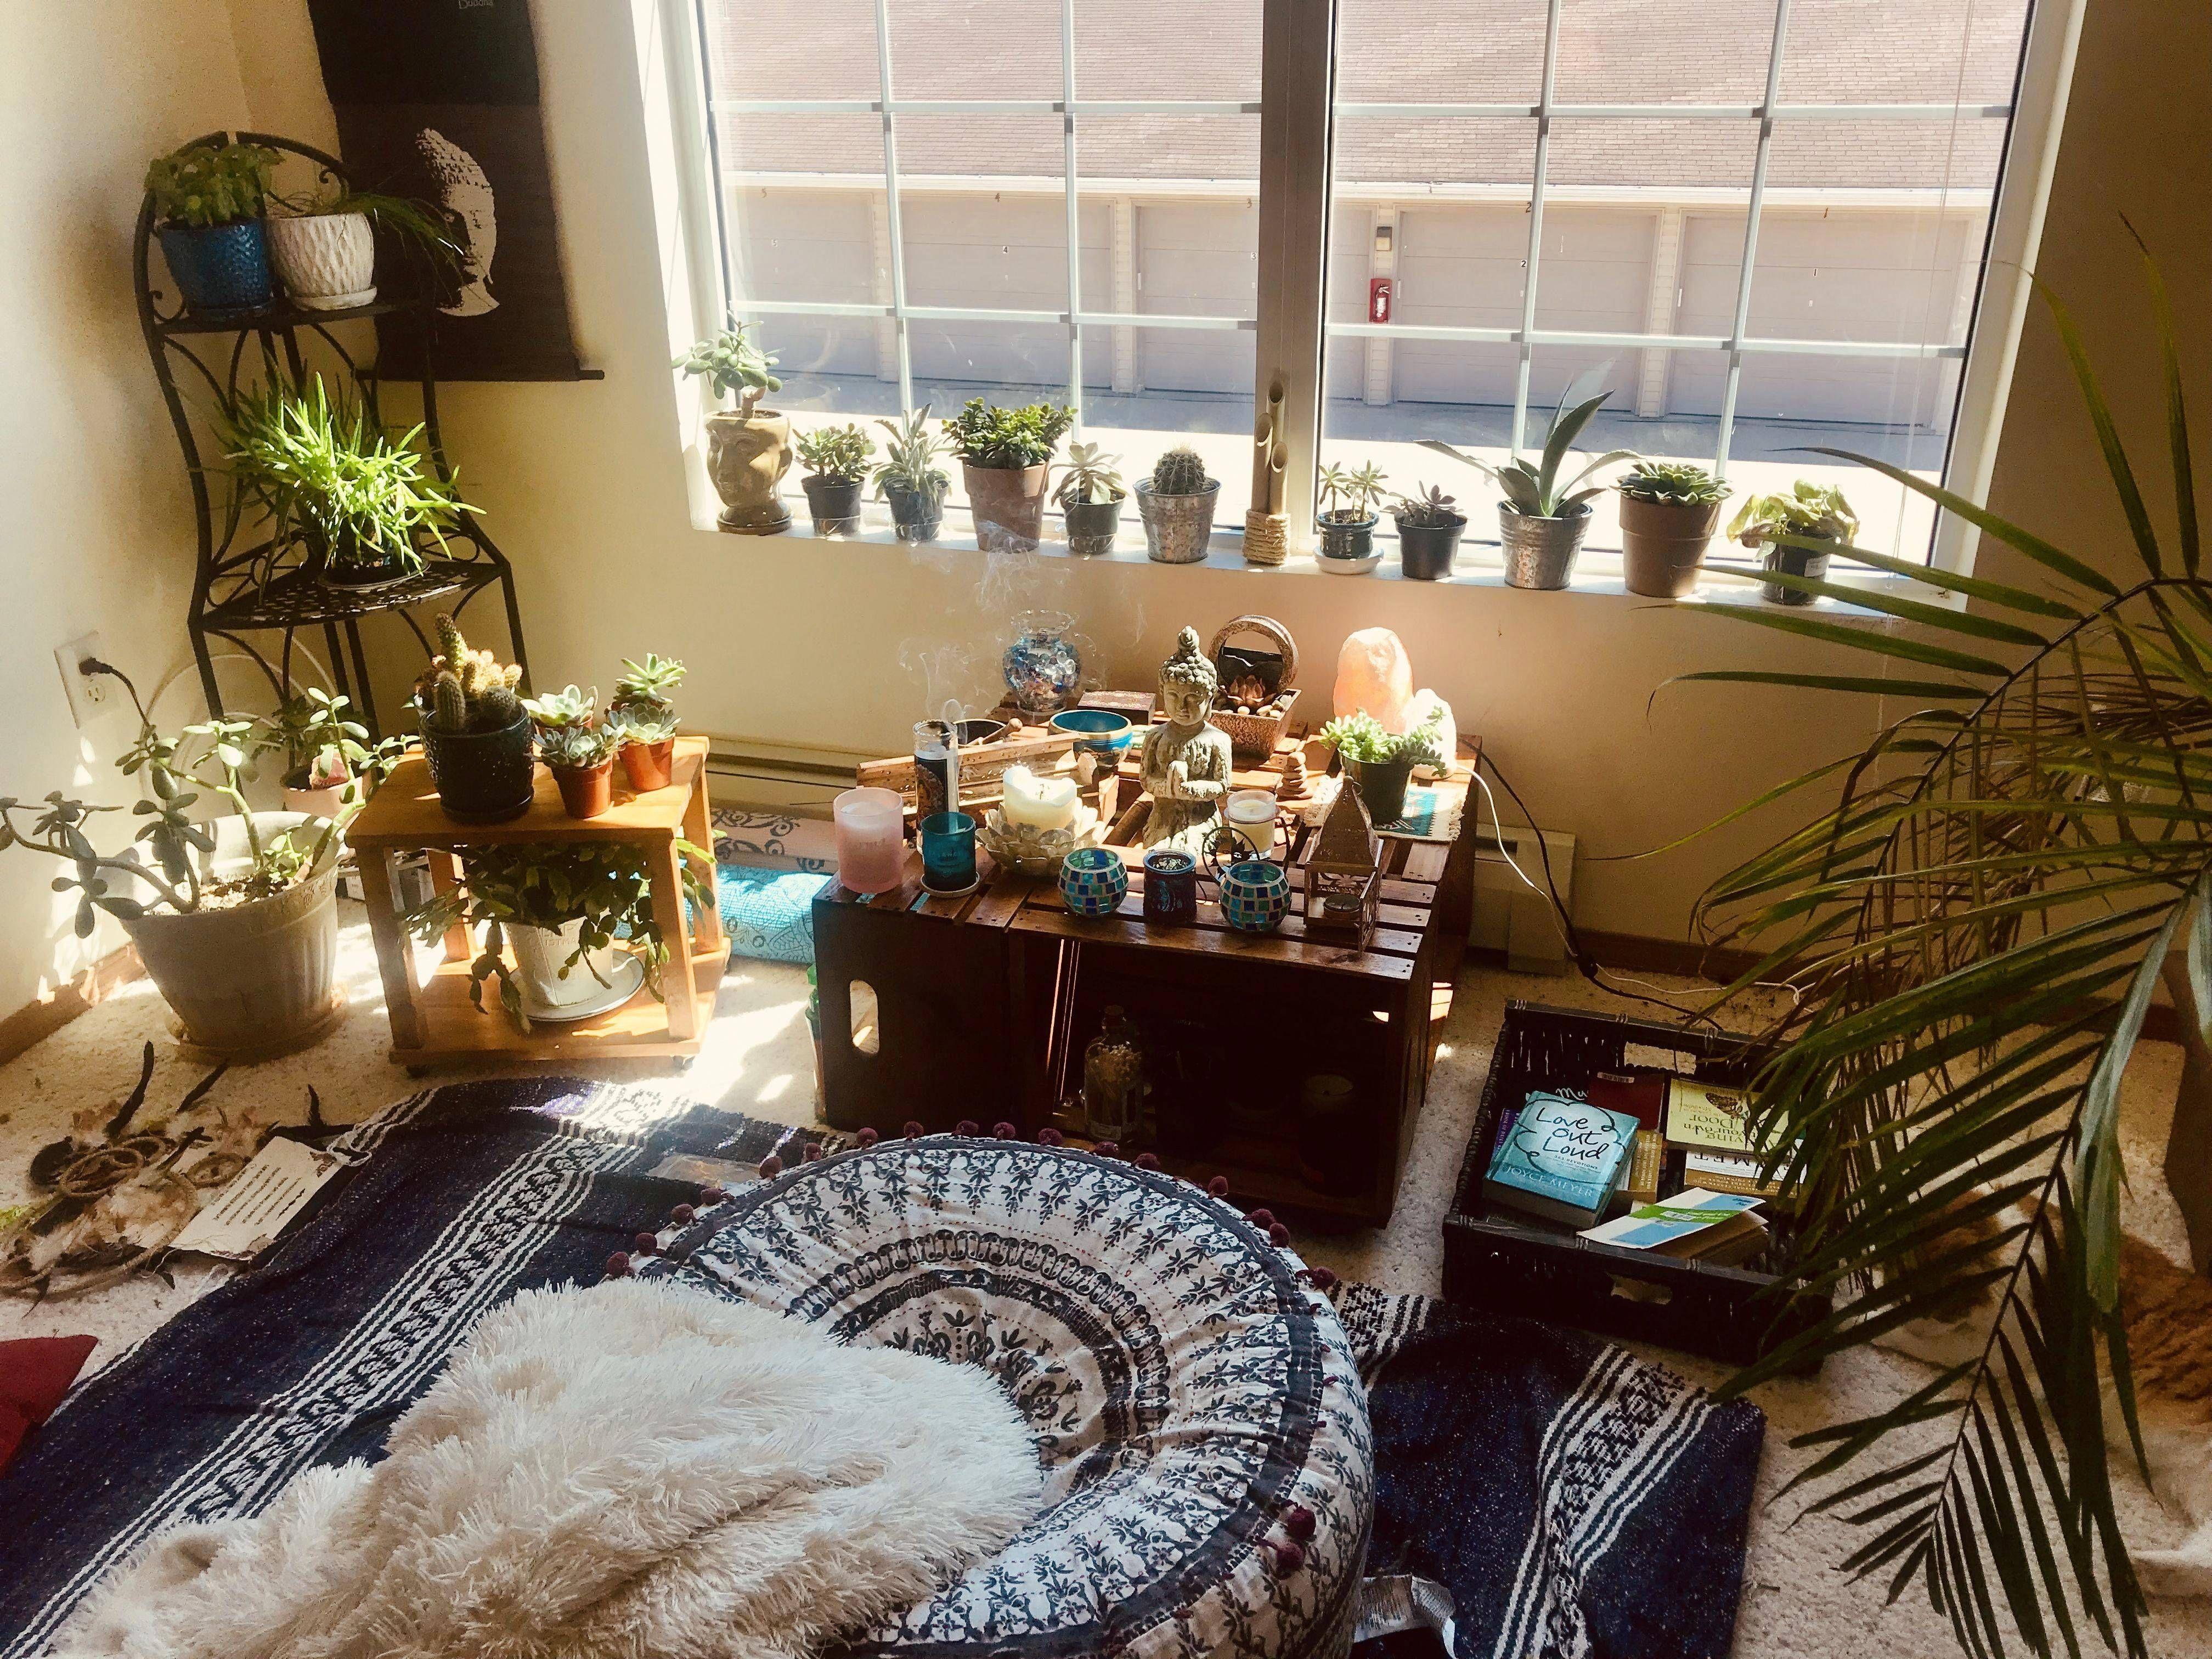 Designer Living Room Decorating Ideas Meditation Rooms Meditation Room Decor Meditation Room